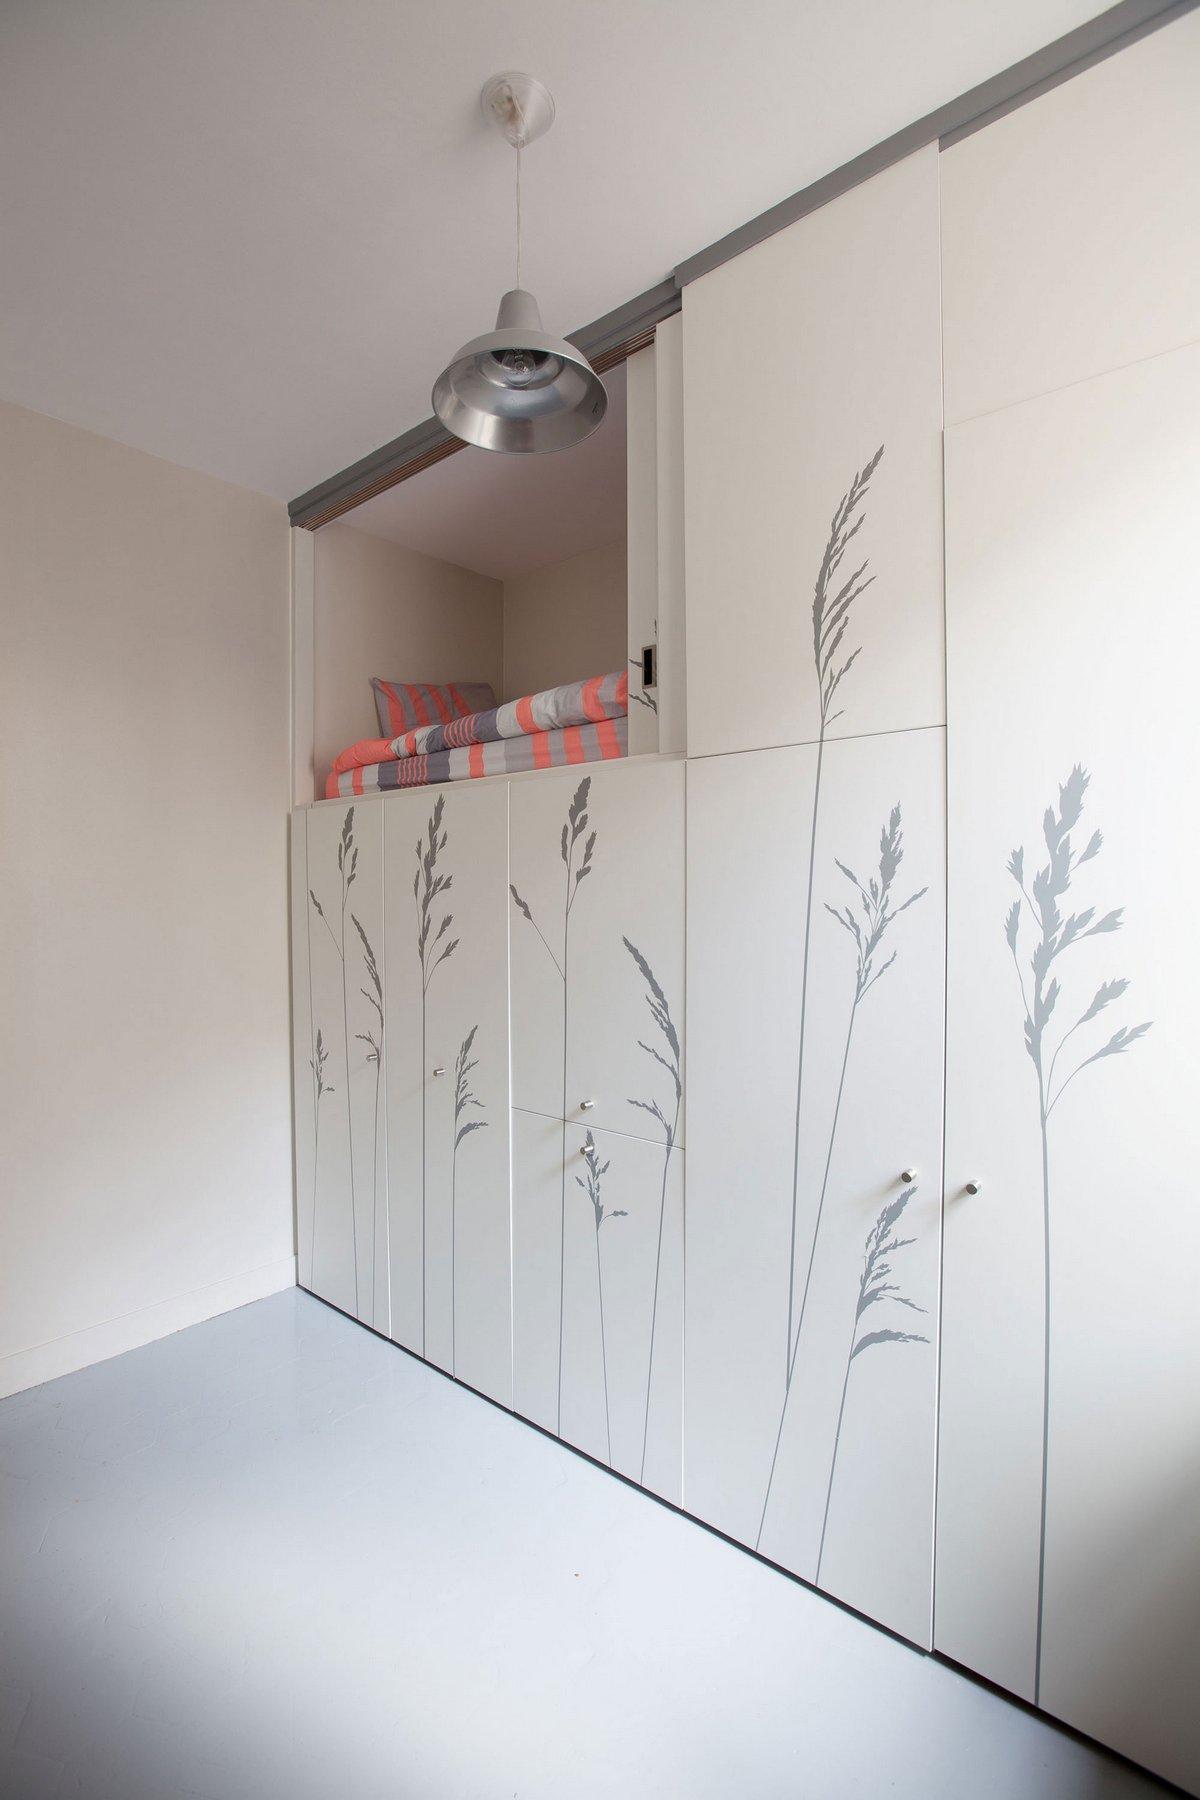 крошечная квартира фото, Kitoko Studio, самая маленькая квартира в мире, фото крошечных квартир, дизайн маленькой квартиры, оформление маленькой квартиры